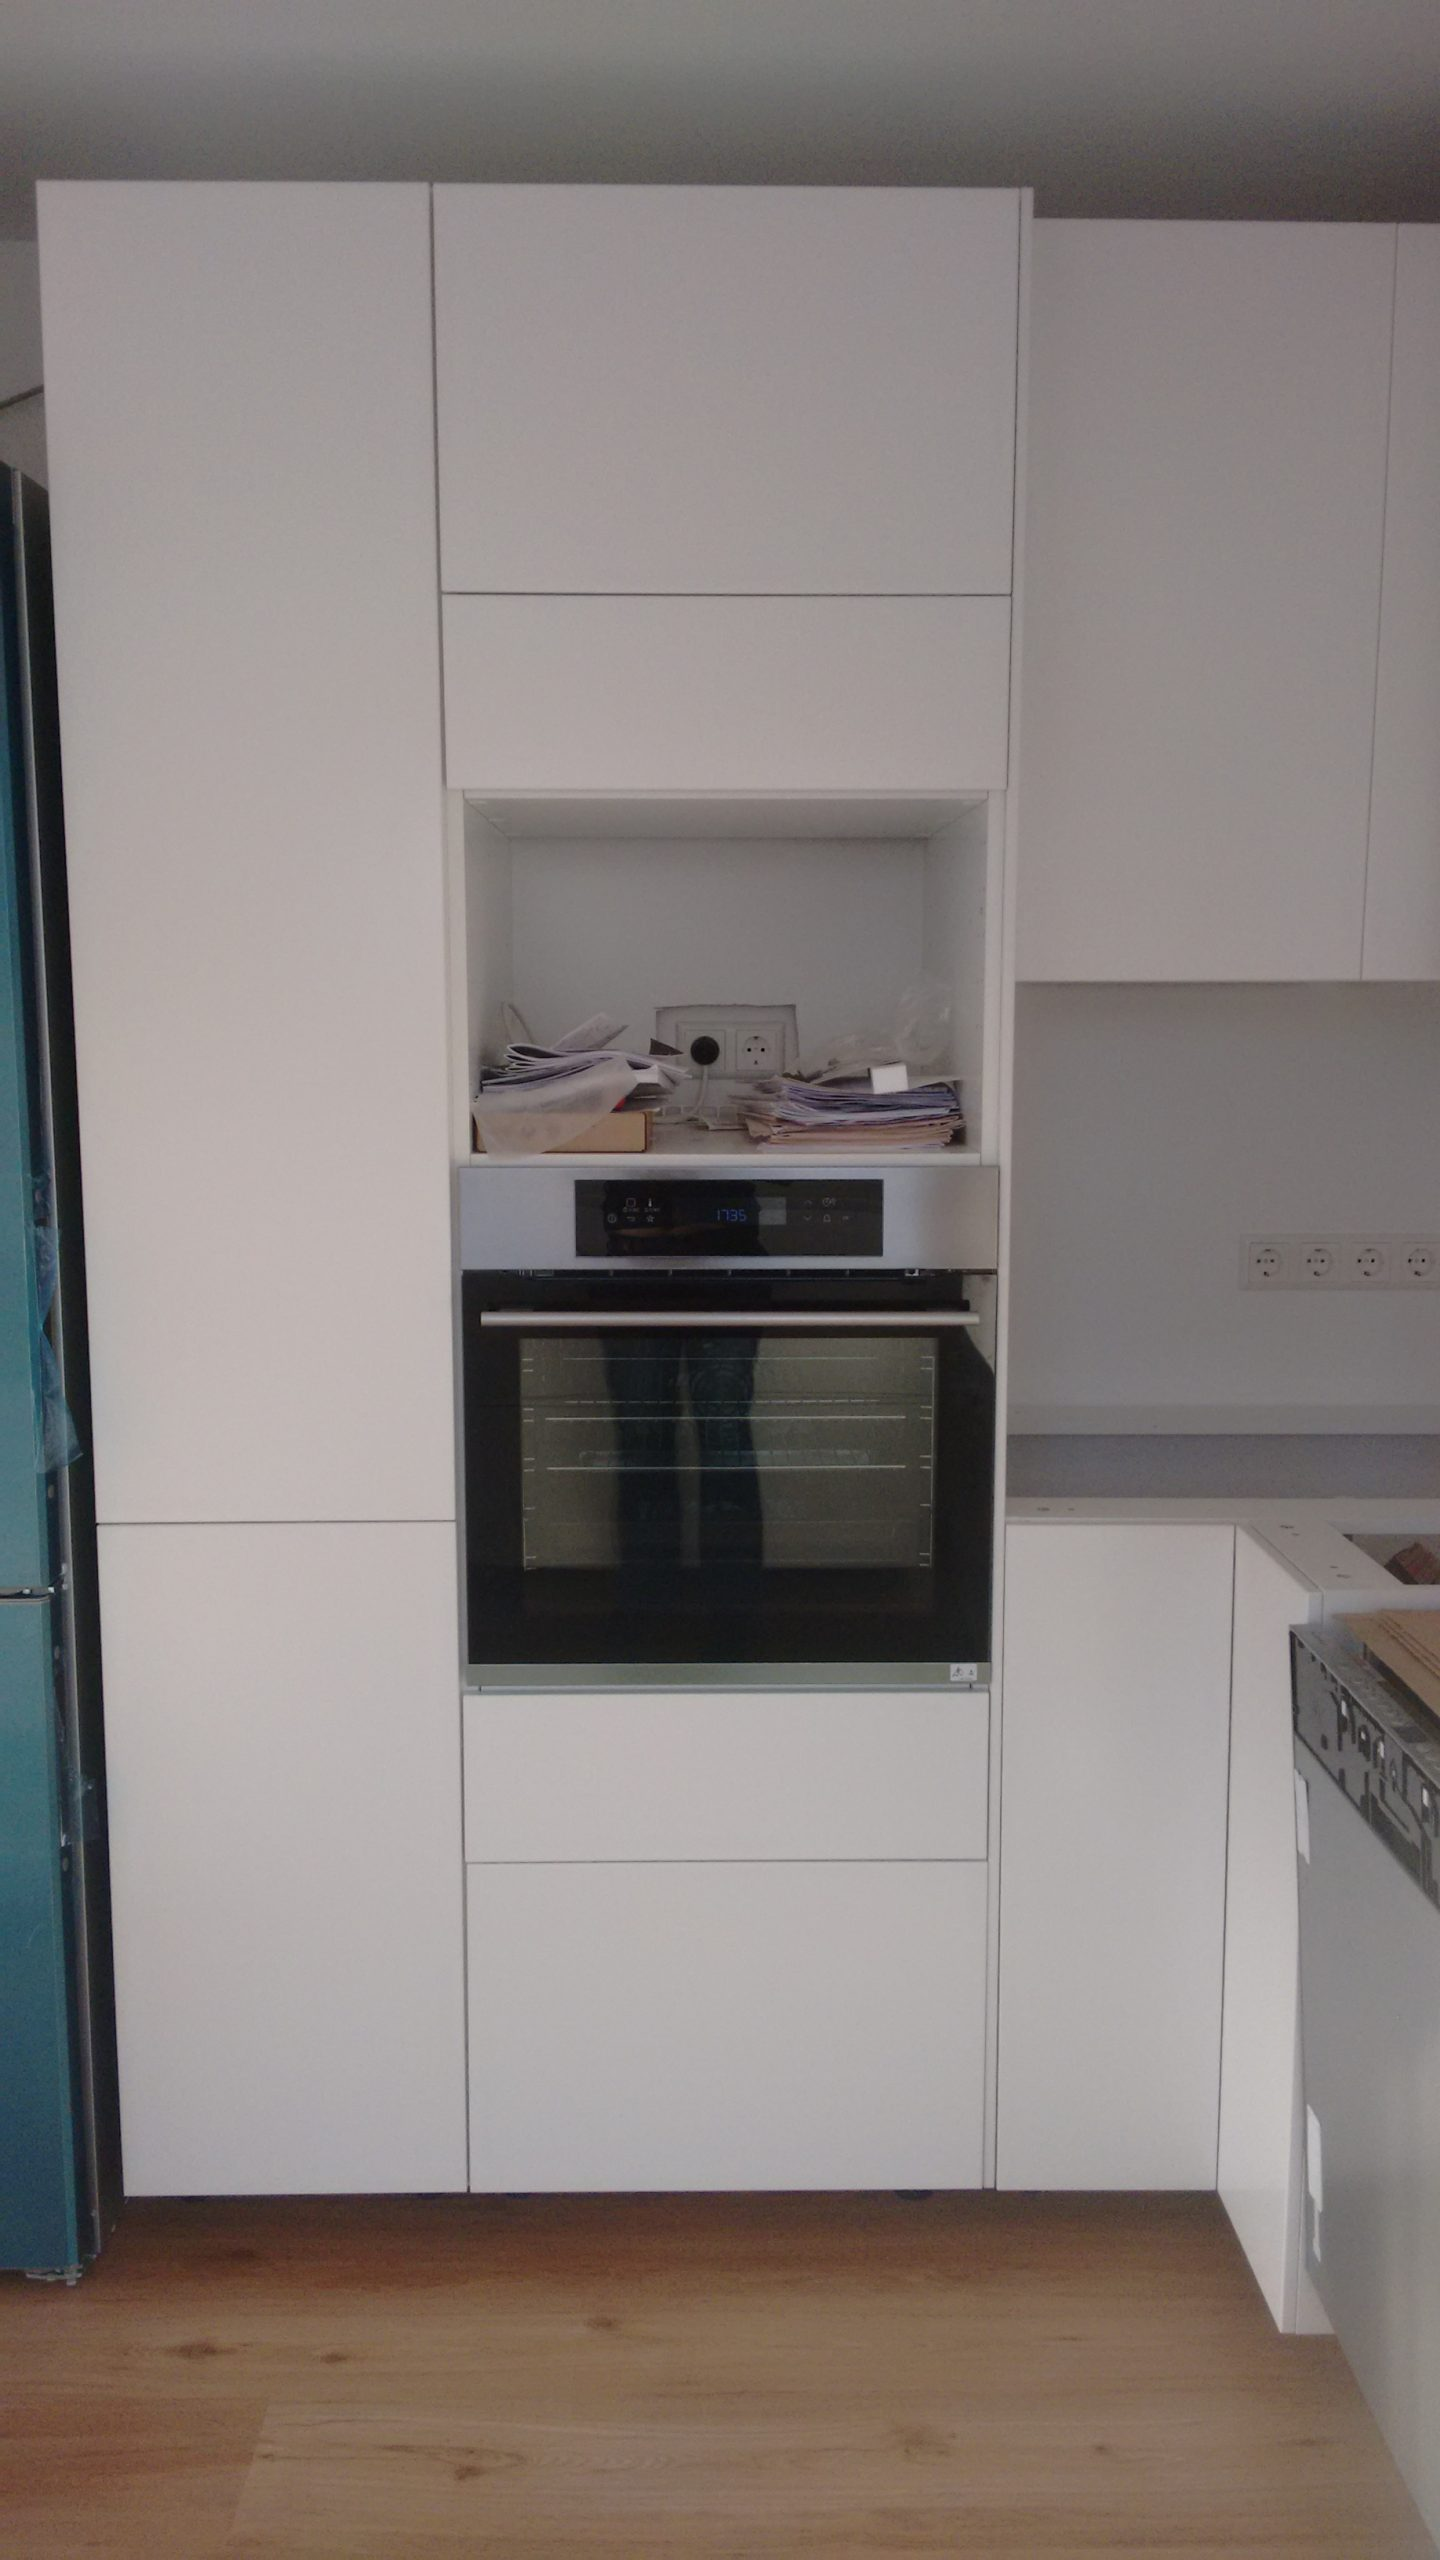 Full Size of Nolte Einlegeböden Küche Einlegeboden Nolte Küche Einlegeböden Metod Küche Einlegeboden Küchenschrank Küche Einlegeböden Küche